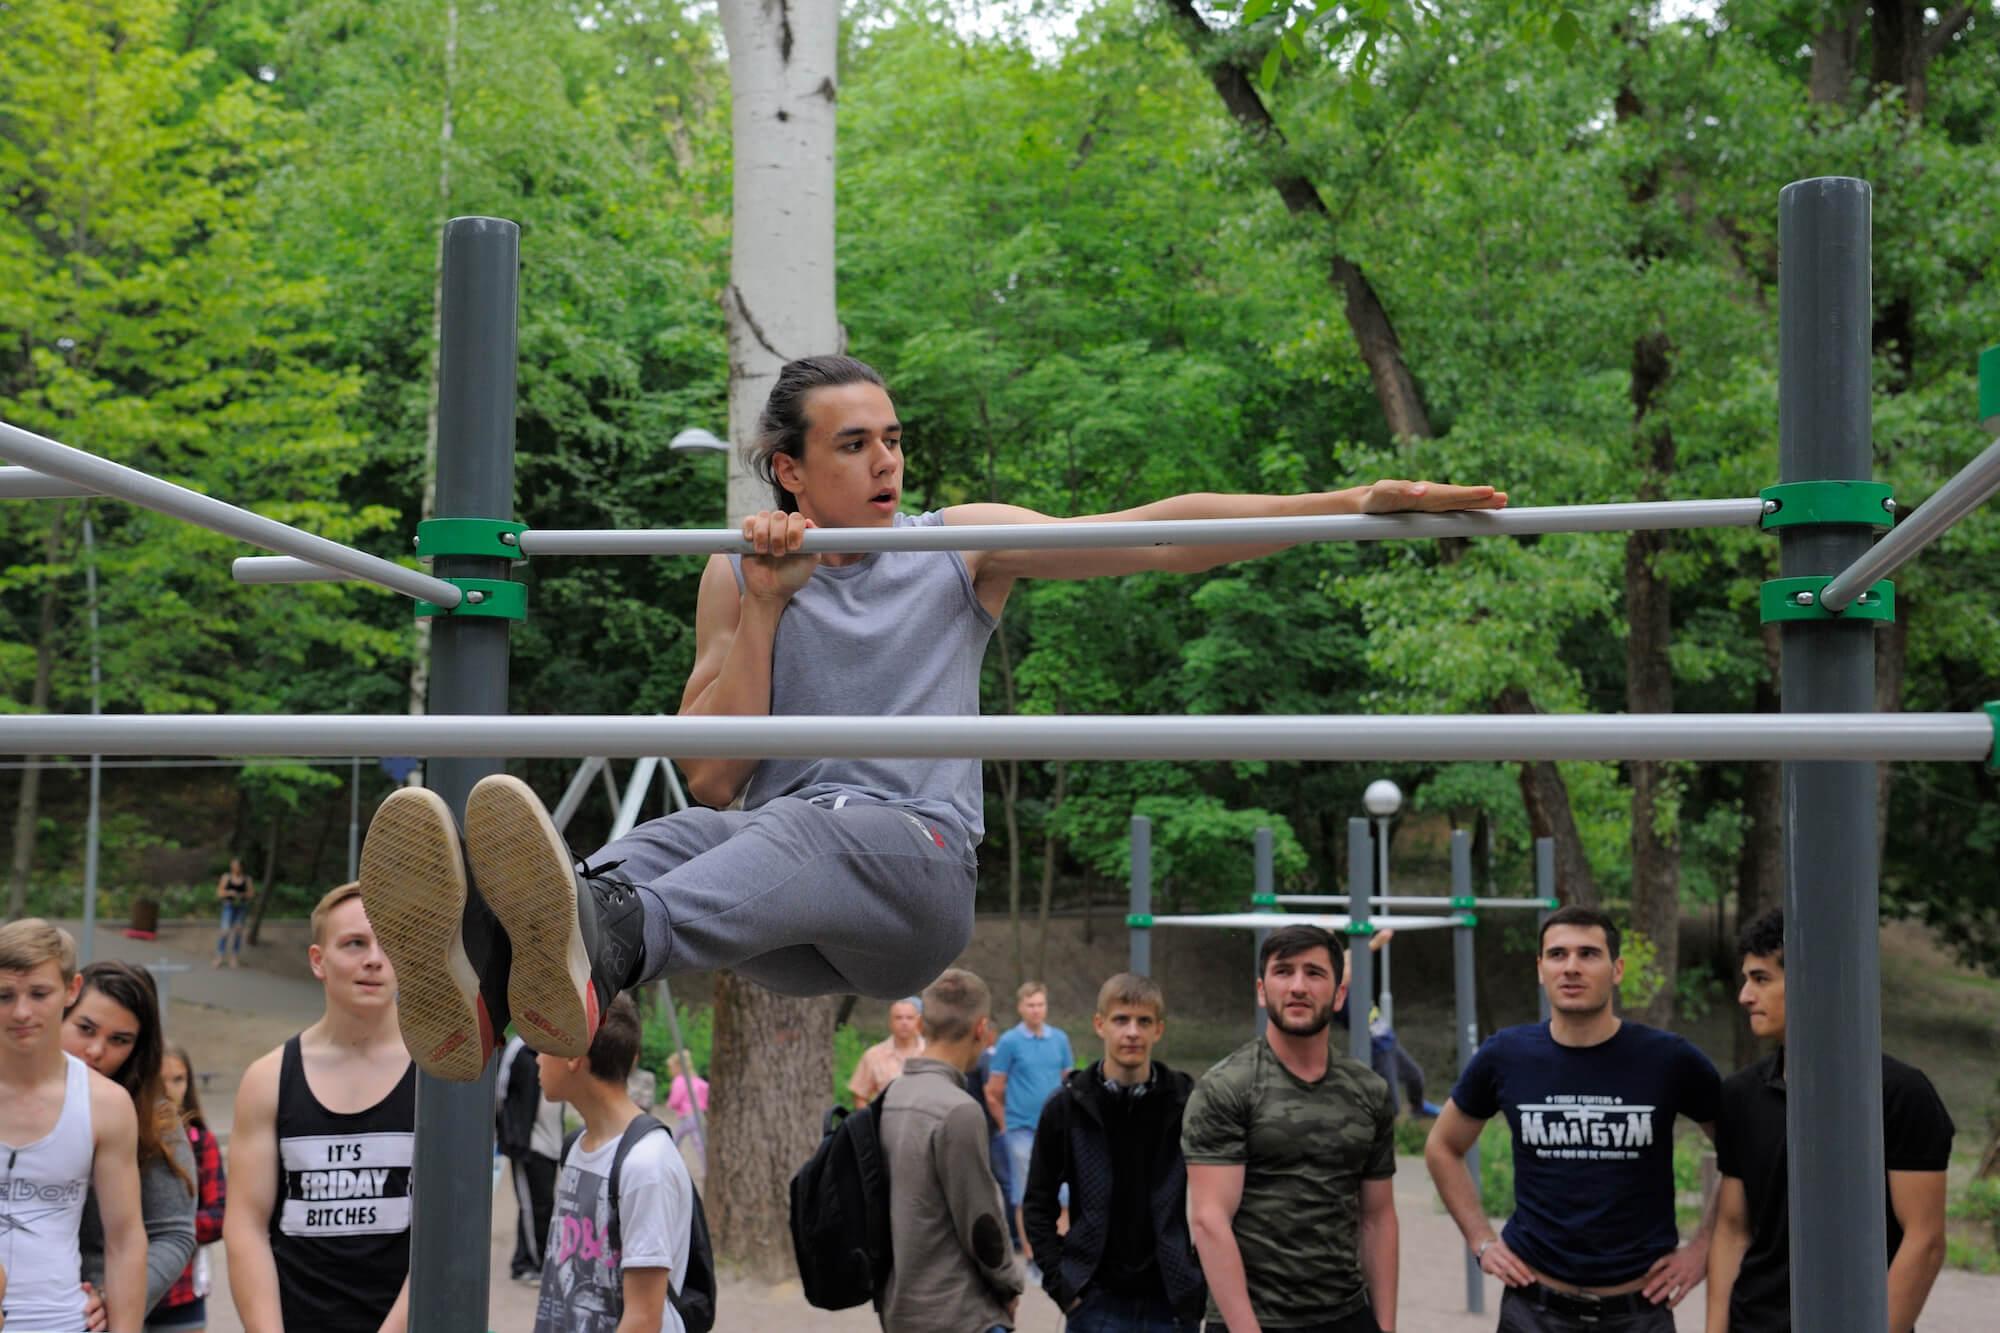 Топ упражнений на турнике, которые помогут вам стать сильнее и красивее